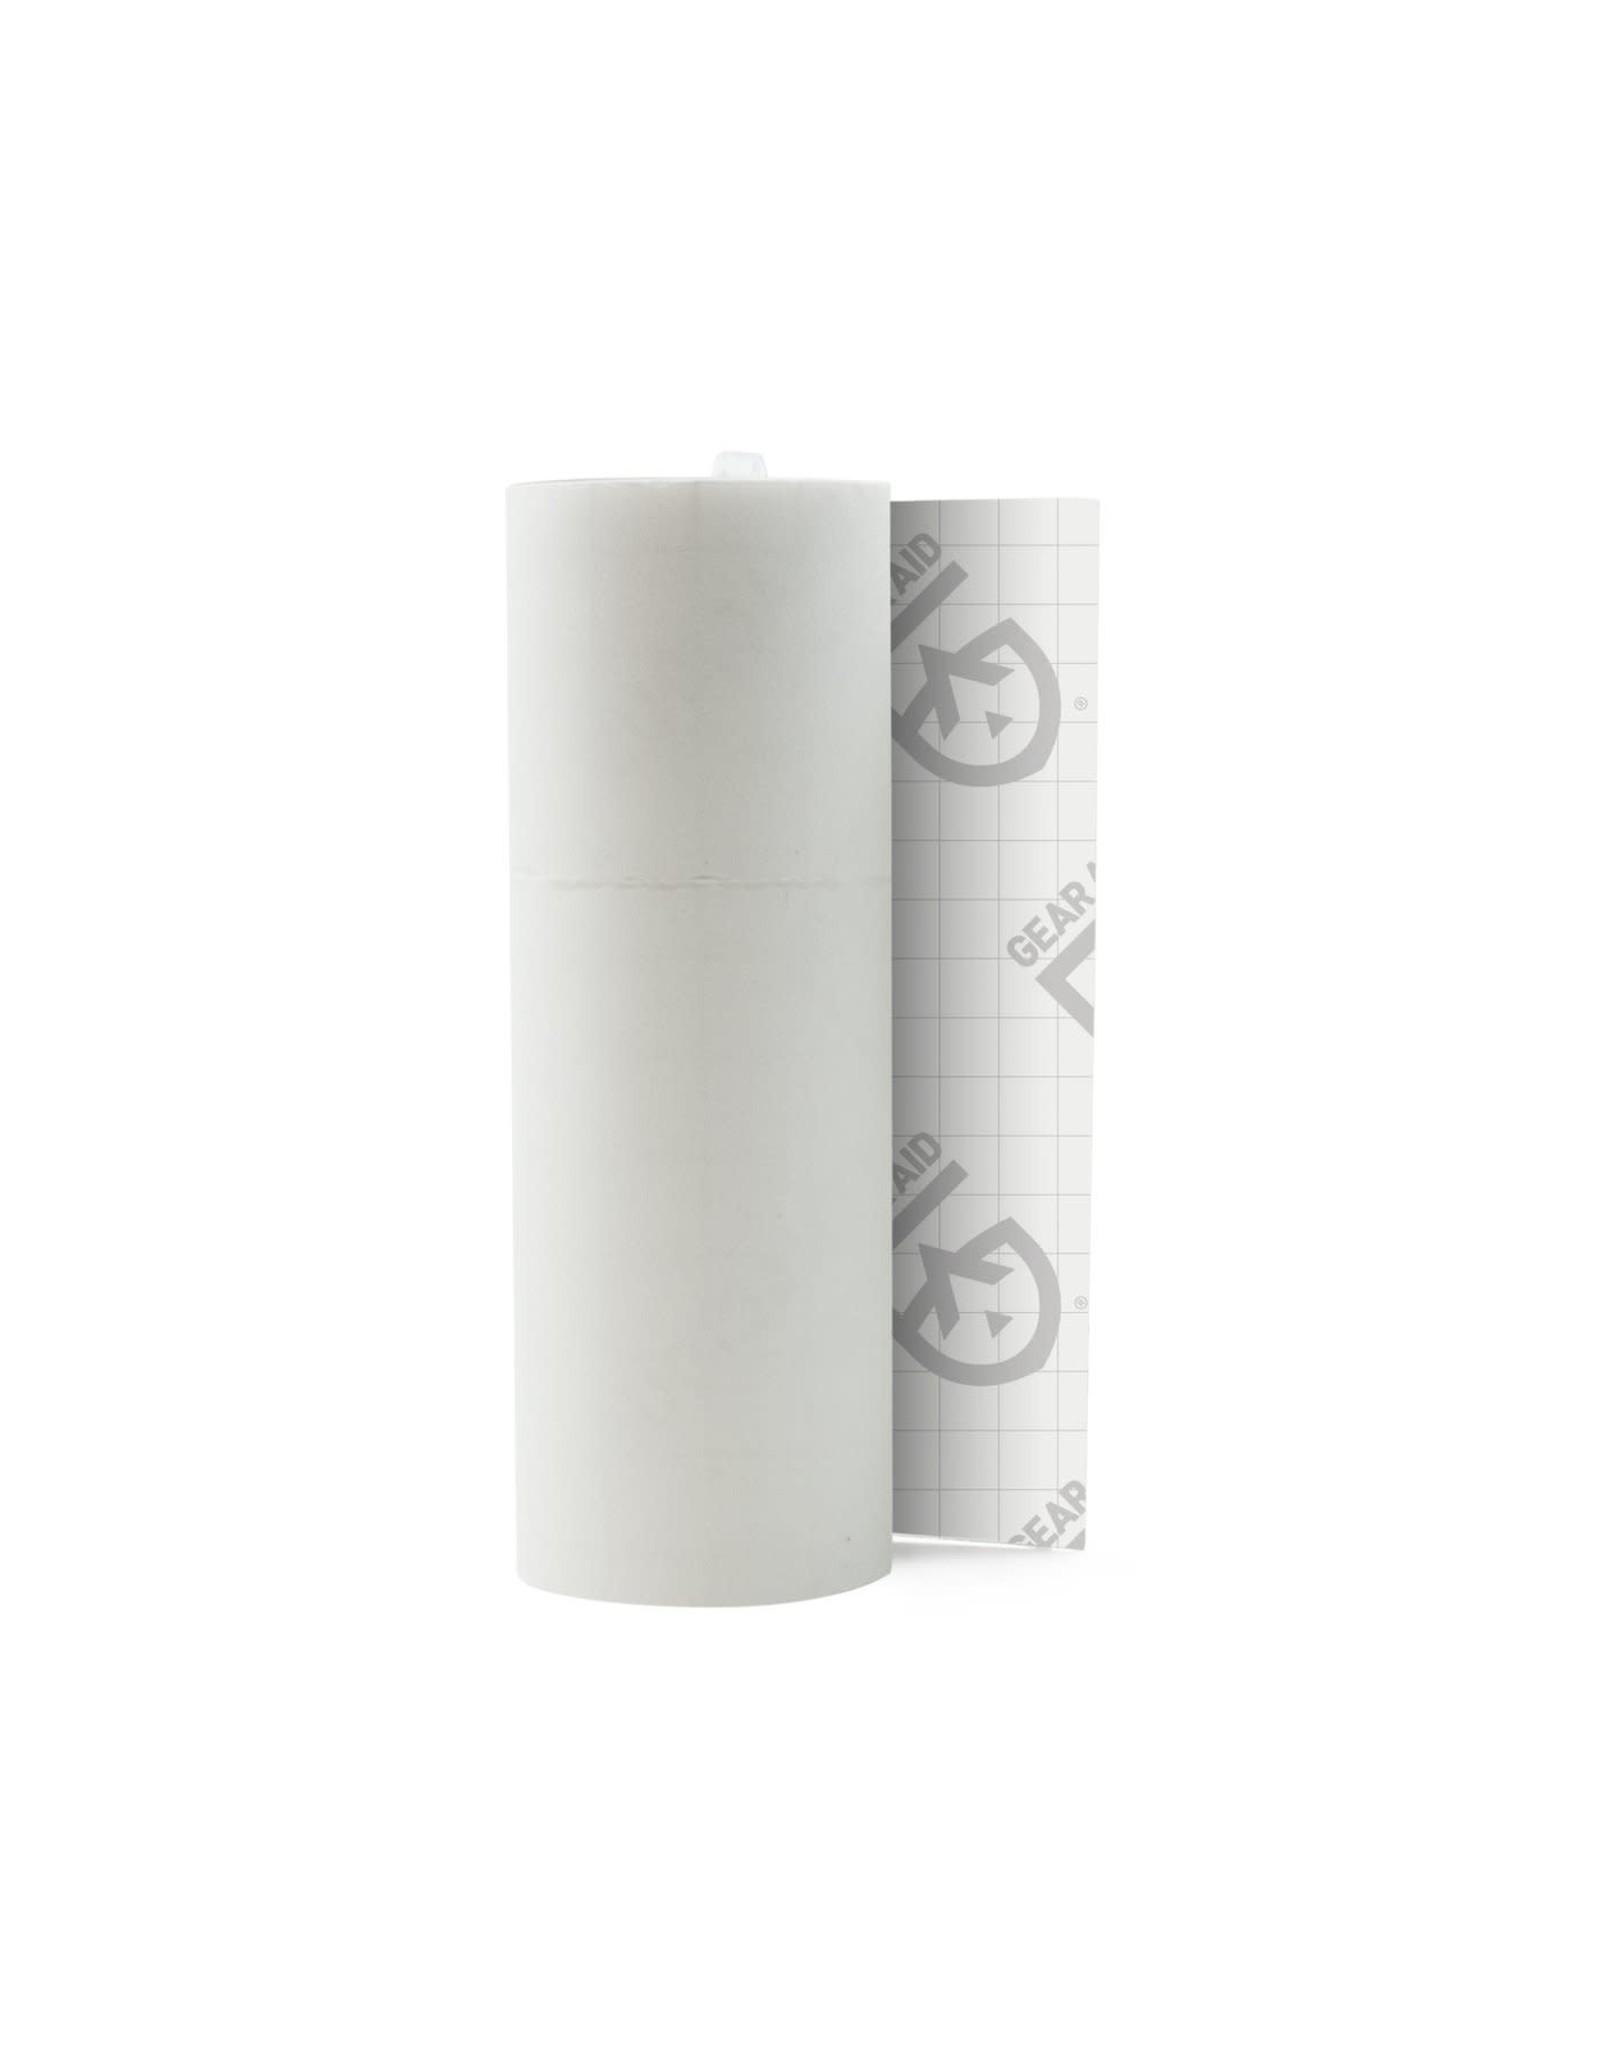 Tenacious Repair Tape Roll